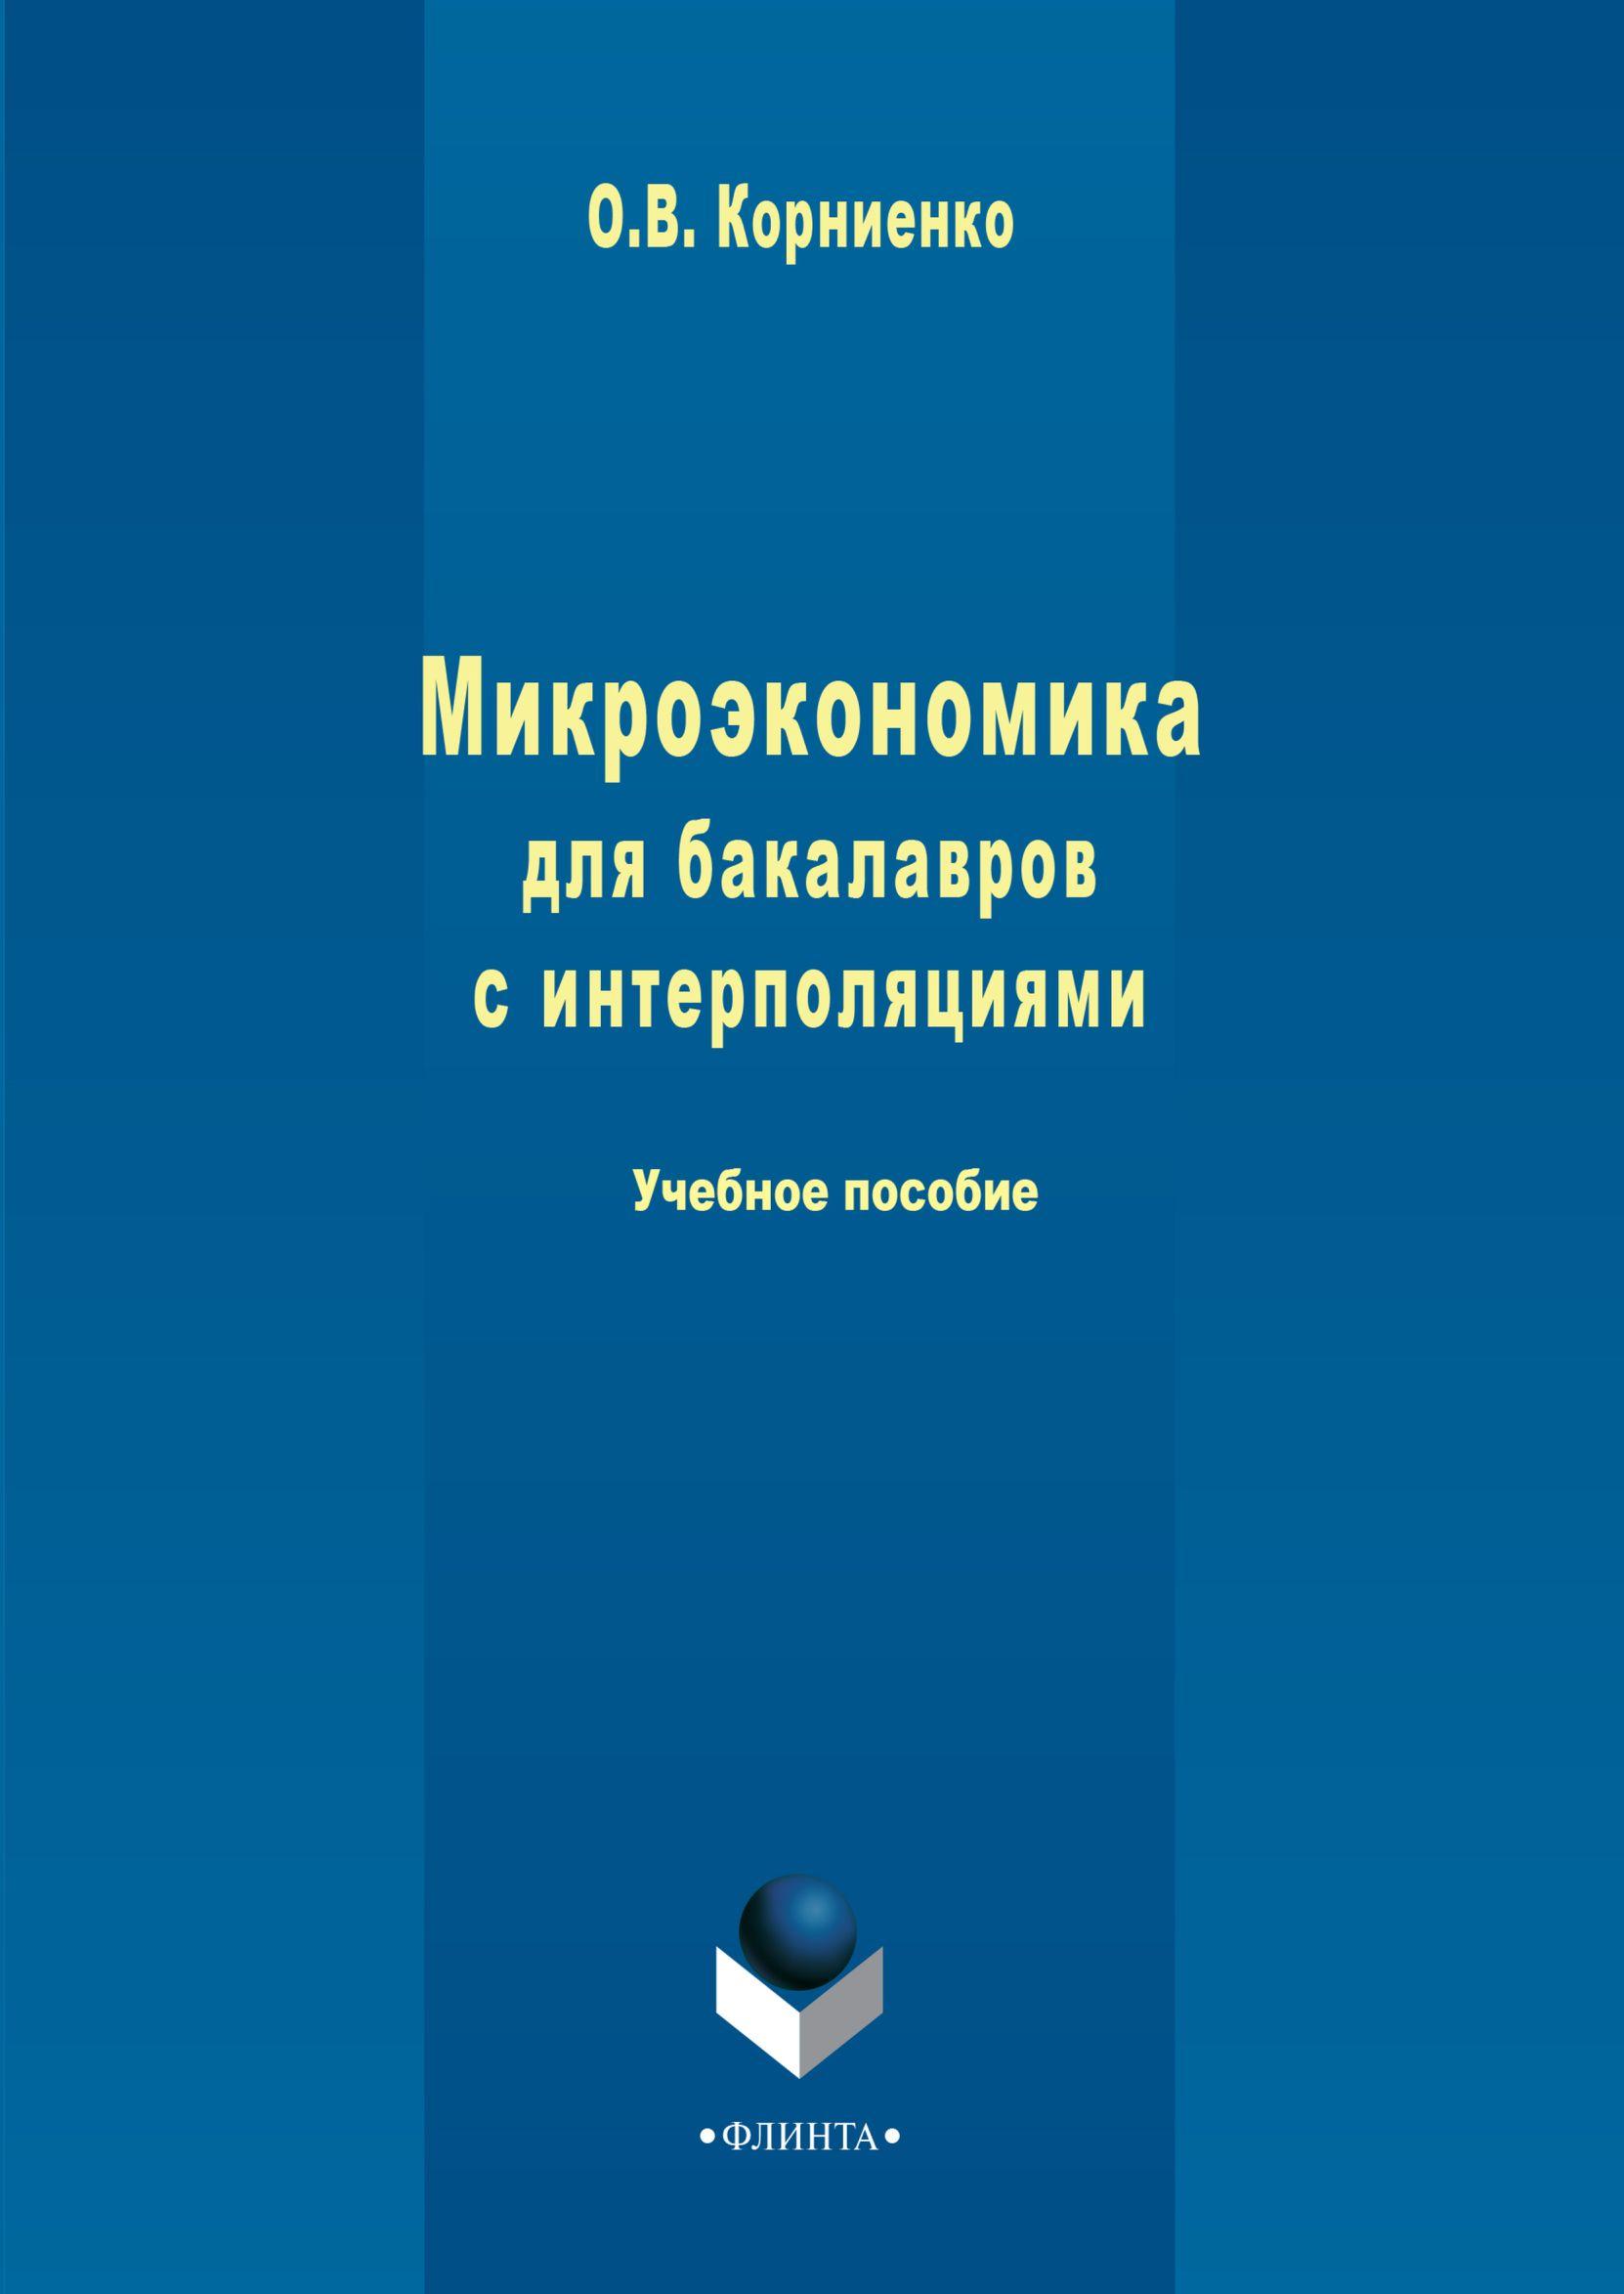 Микроэкономика для бакалавров с интерполяциями ( О. В. Корниенко  )